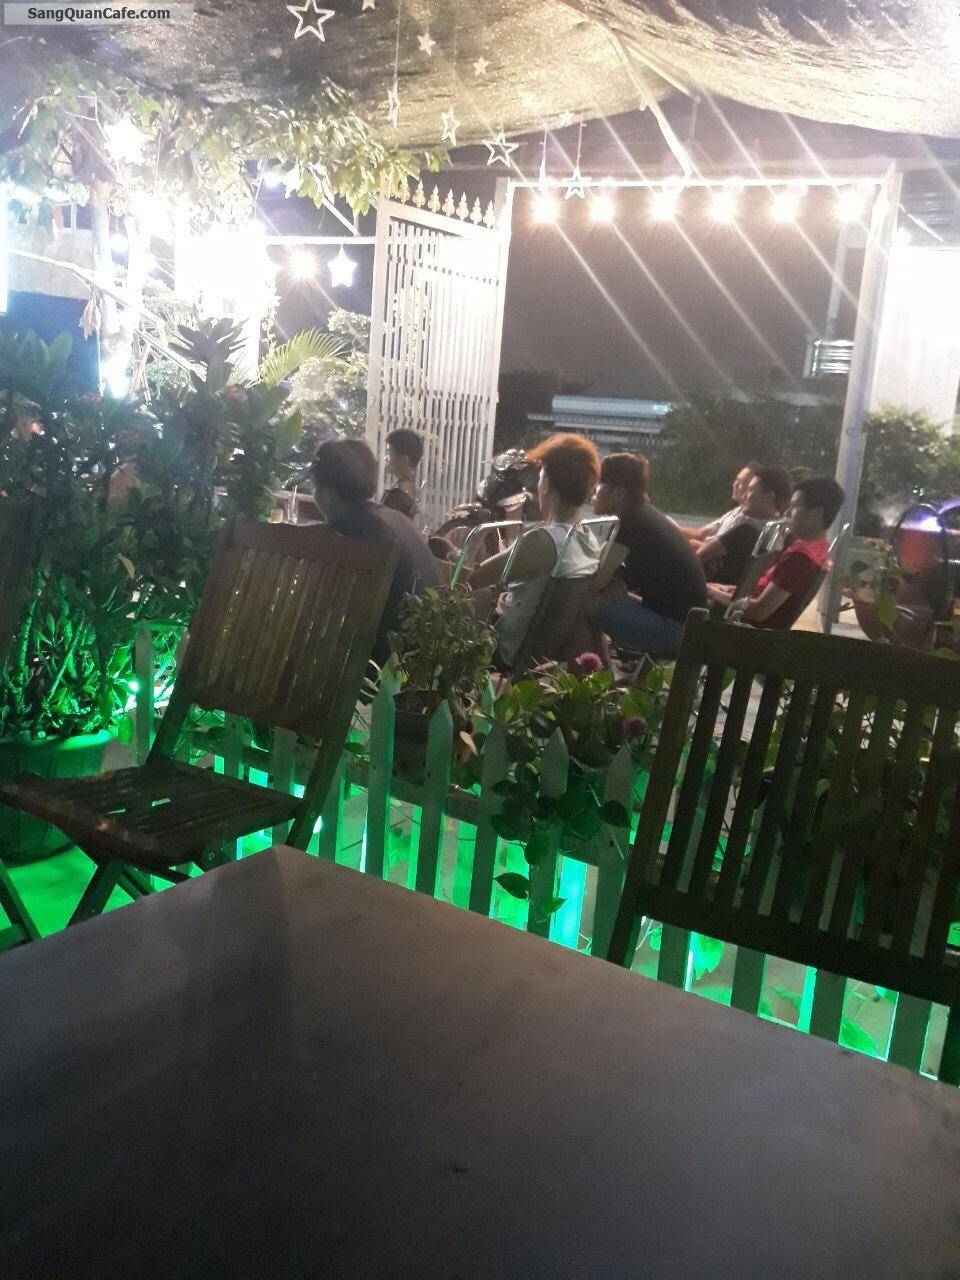 Bận việc gia đình cần sang quán Cafe sân vườn rộng rãi